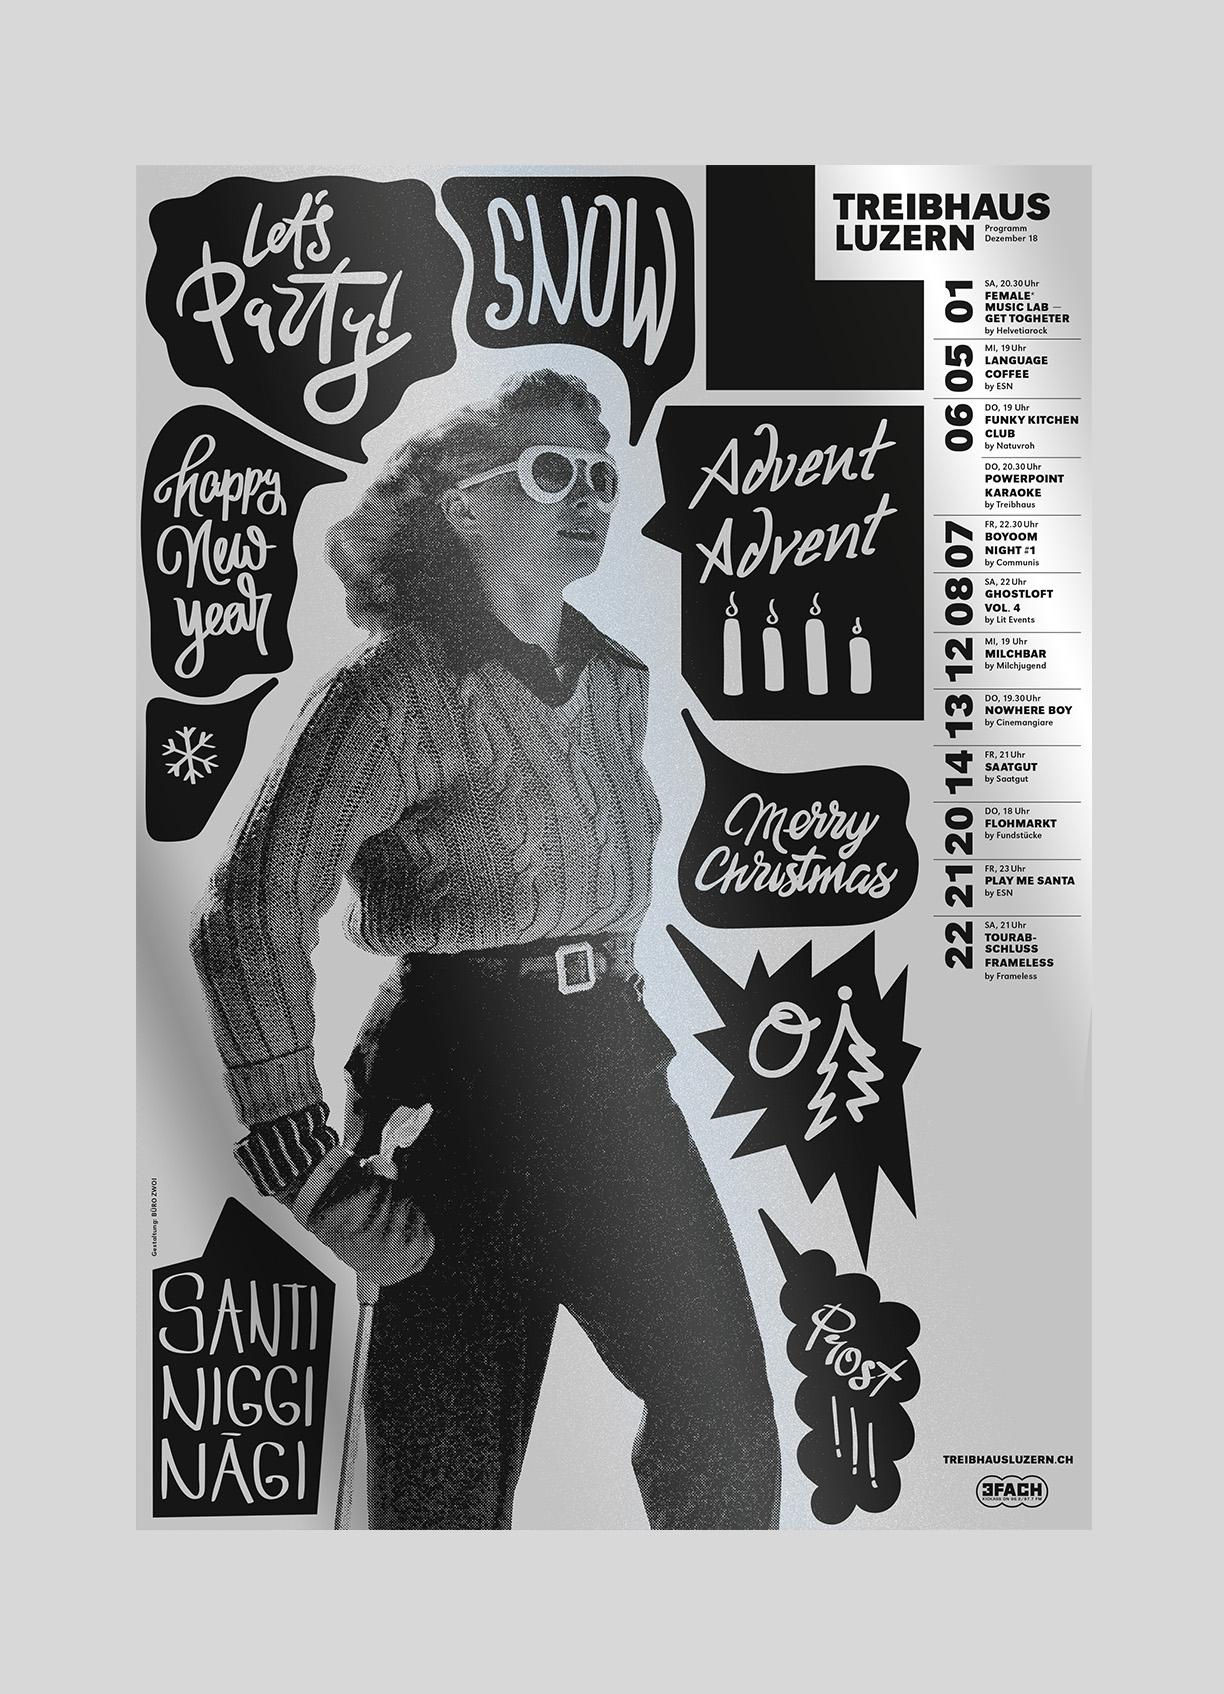 Treibhaus – Monatsplakat Dezember   2018   Jugendhaus Luzern, Plakate jeweils von verschiedenen Grafikern gestaltet.